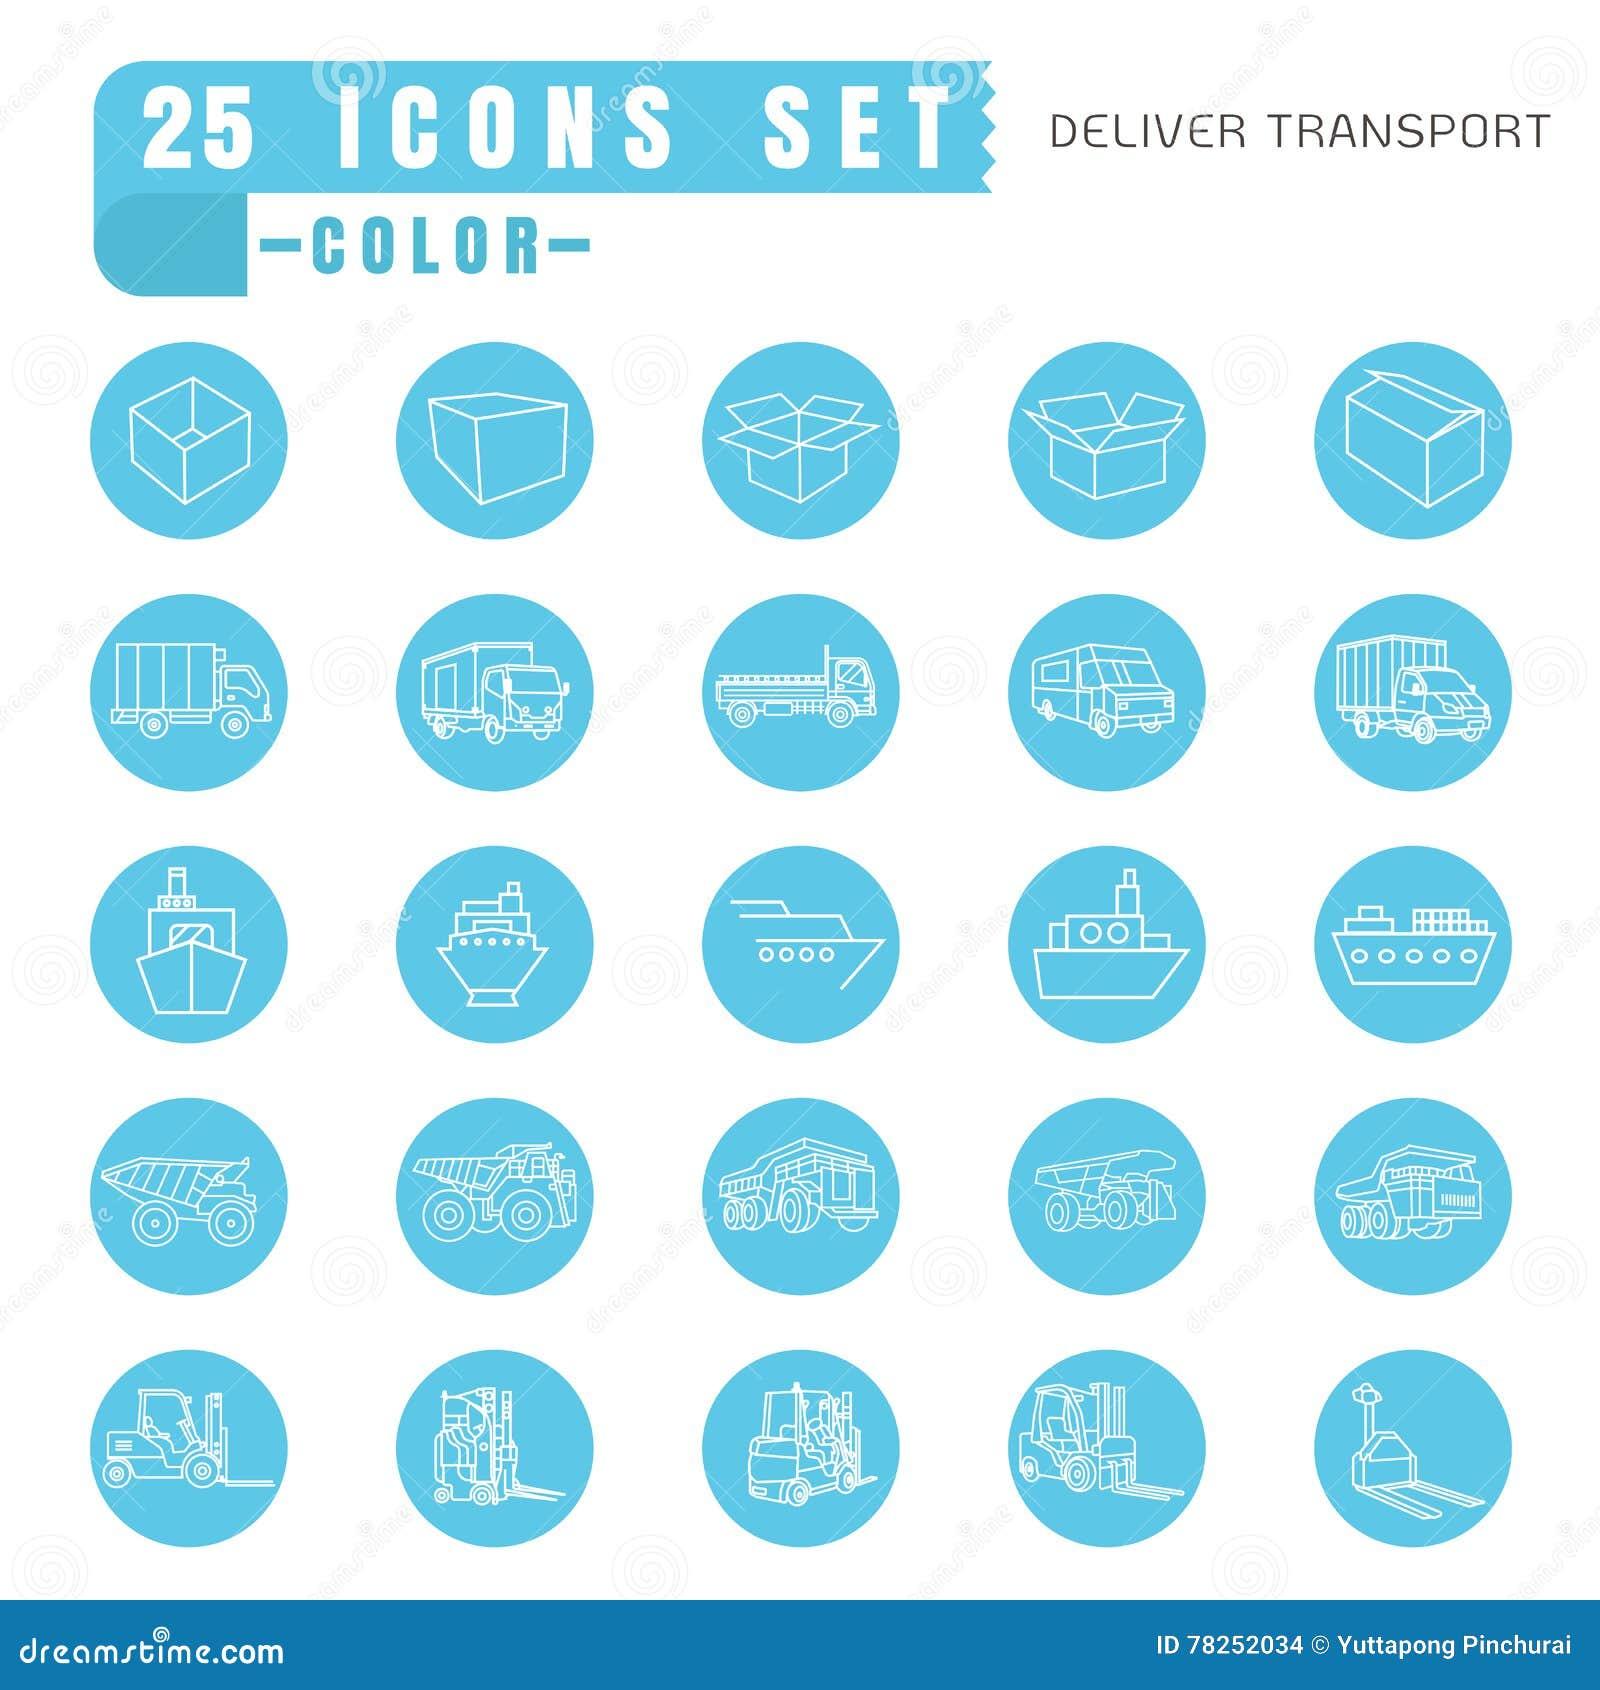 Τα εικονίδια παραδίδουν το λεπτό λευκό χρώματος μεταφορών στο μπλε κύκλων επάνω